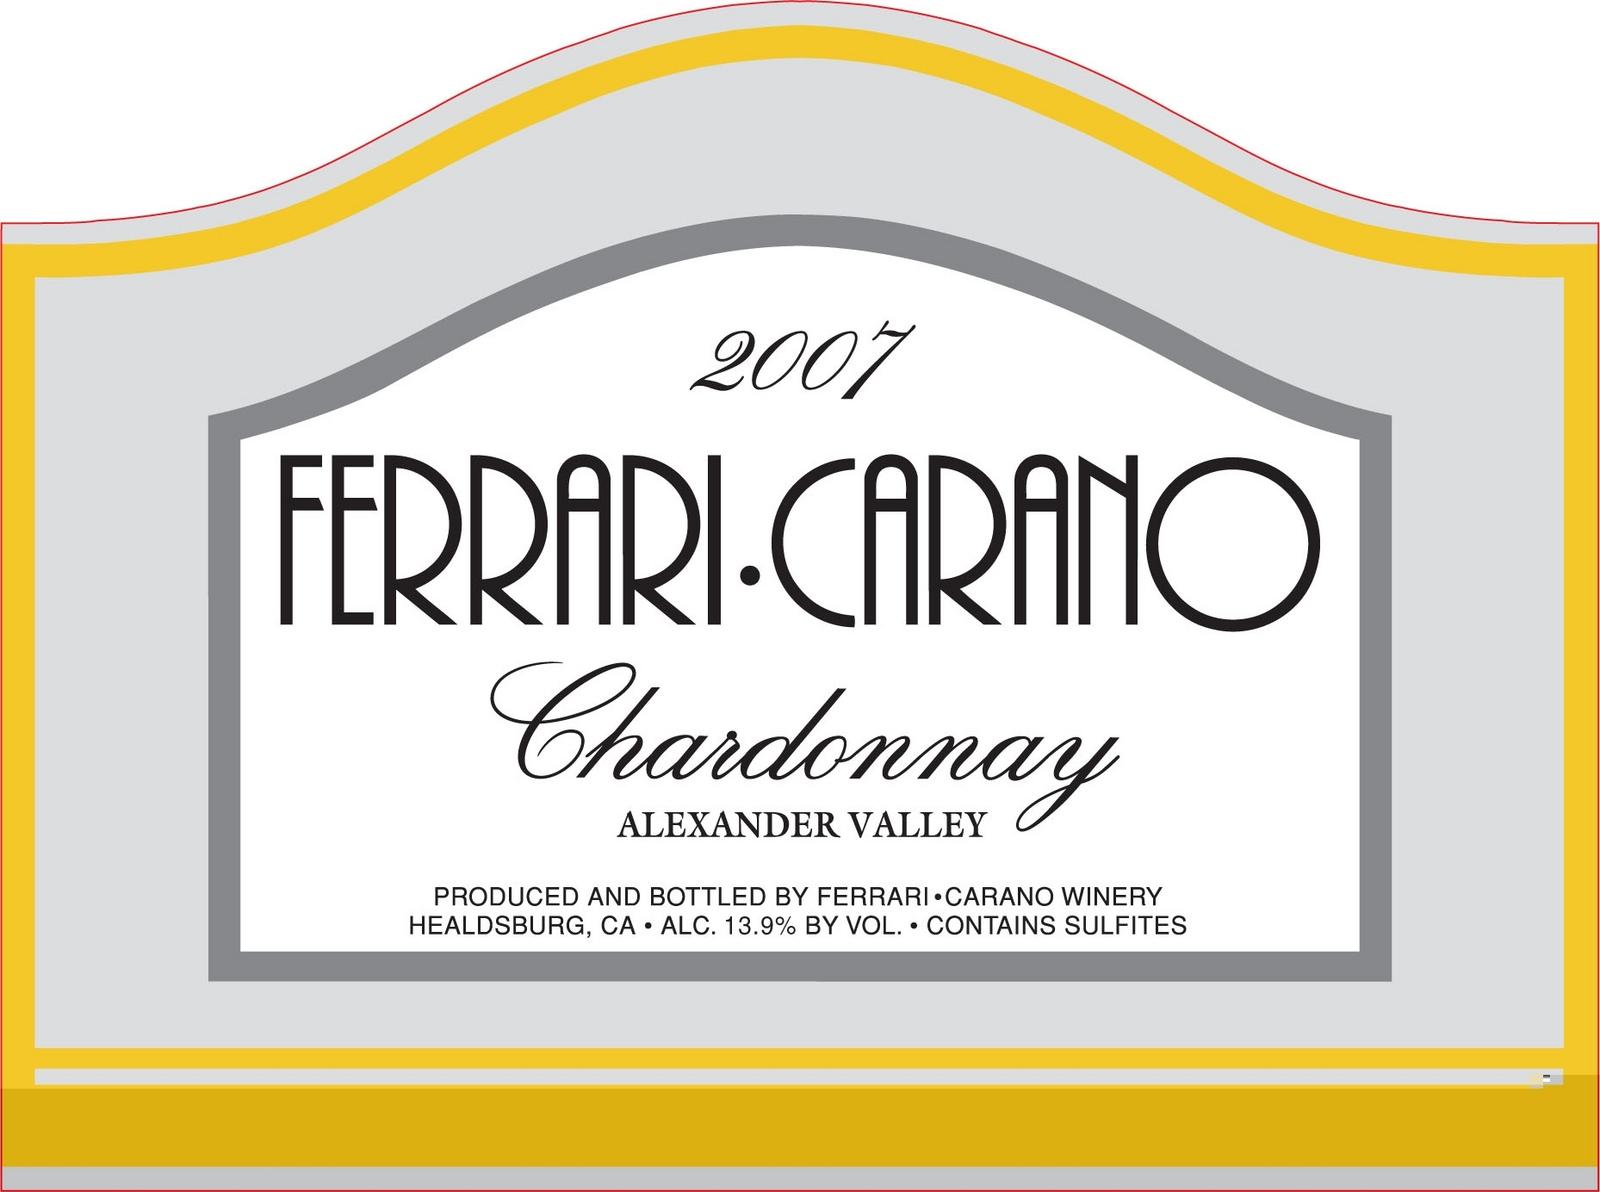 法拉利卡诺酒庄霞多丽干白Ferrari Carano Chardonnay Alexander Valley